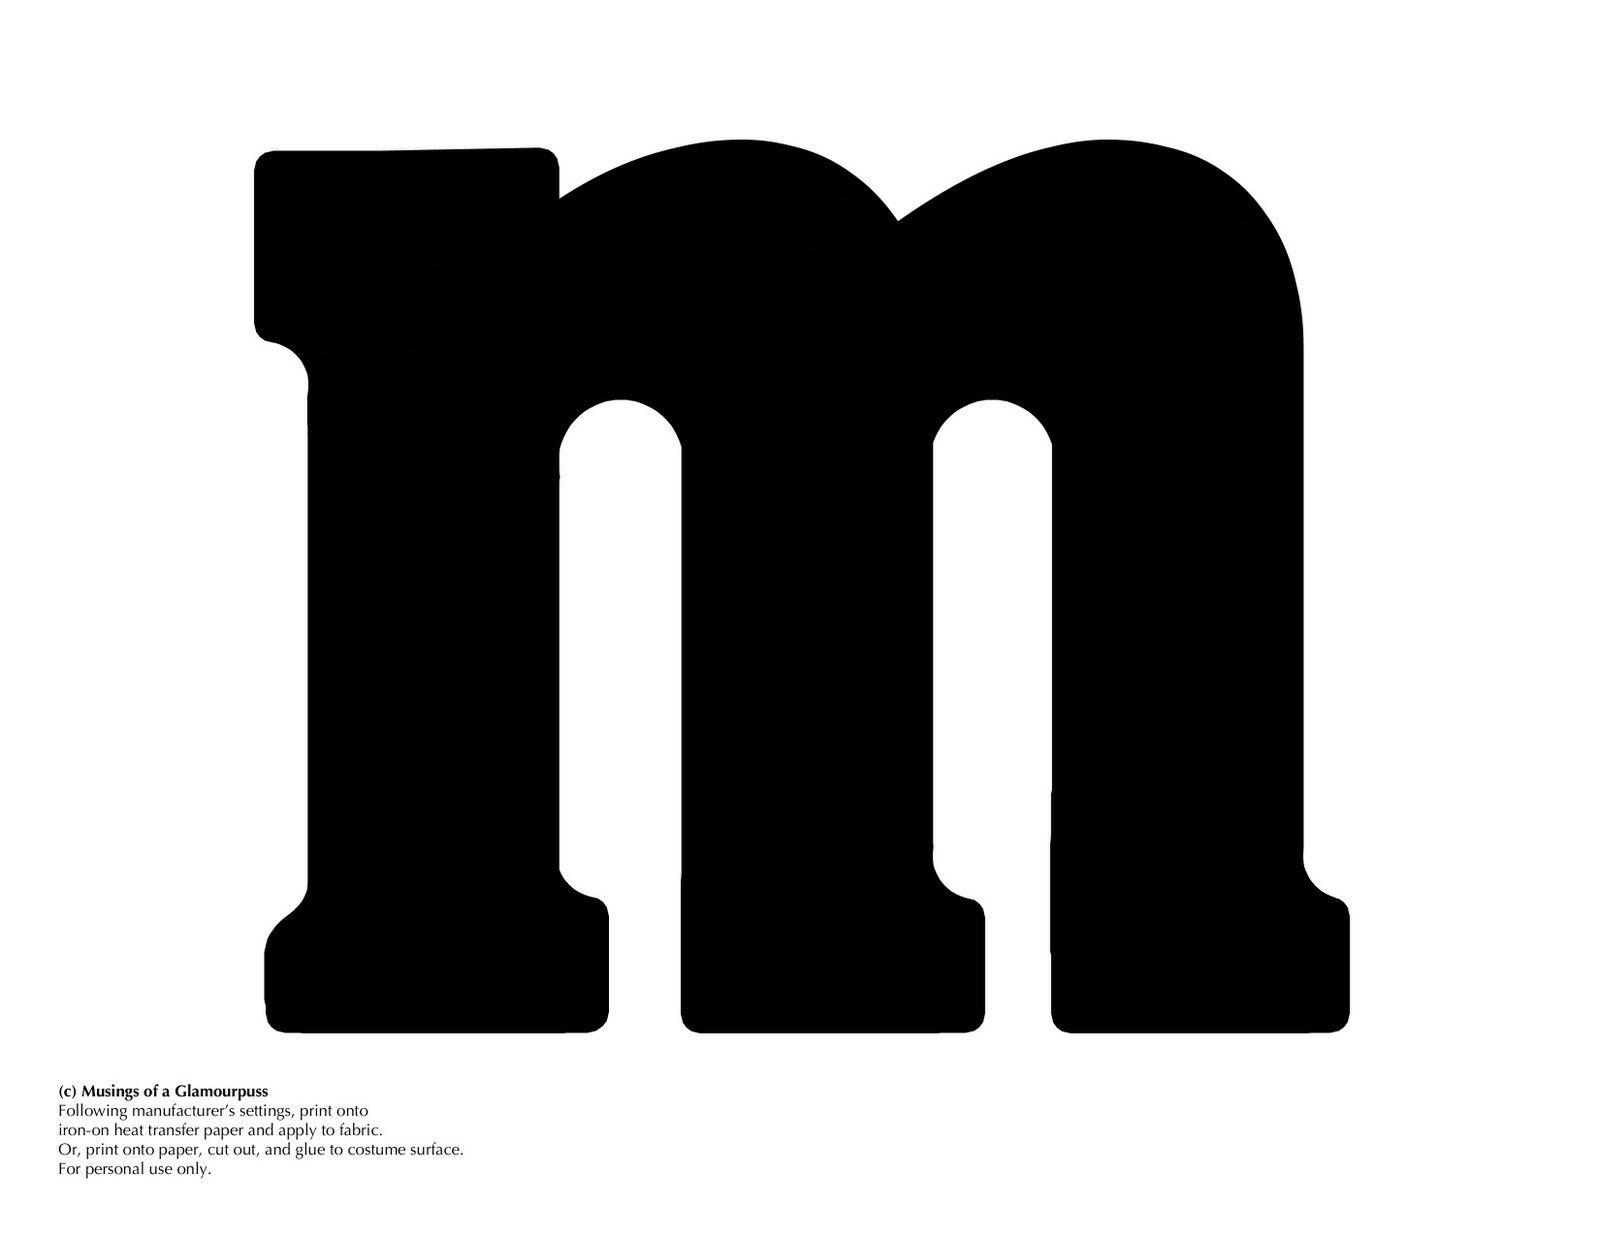 35+ Letter m logo free ideas in 2021